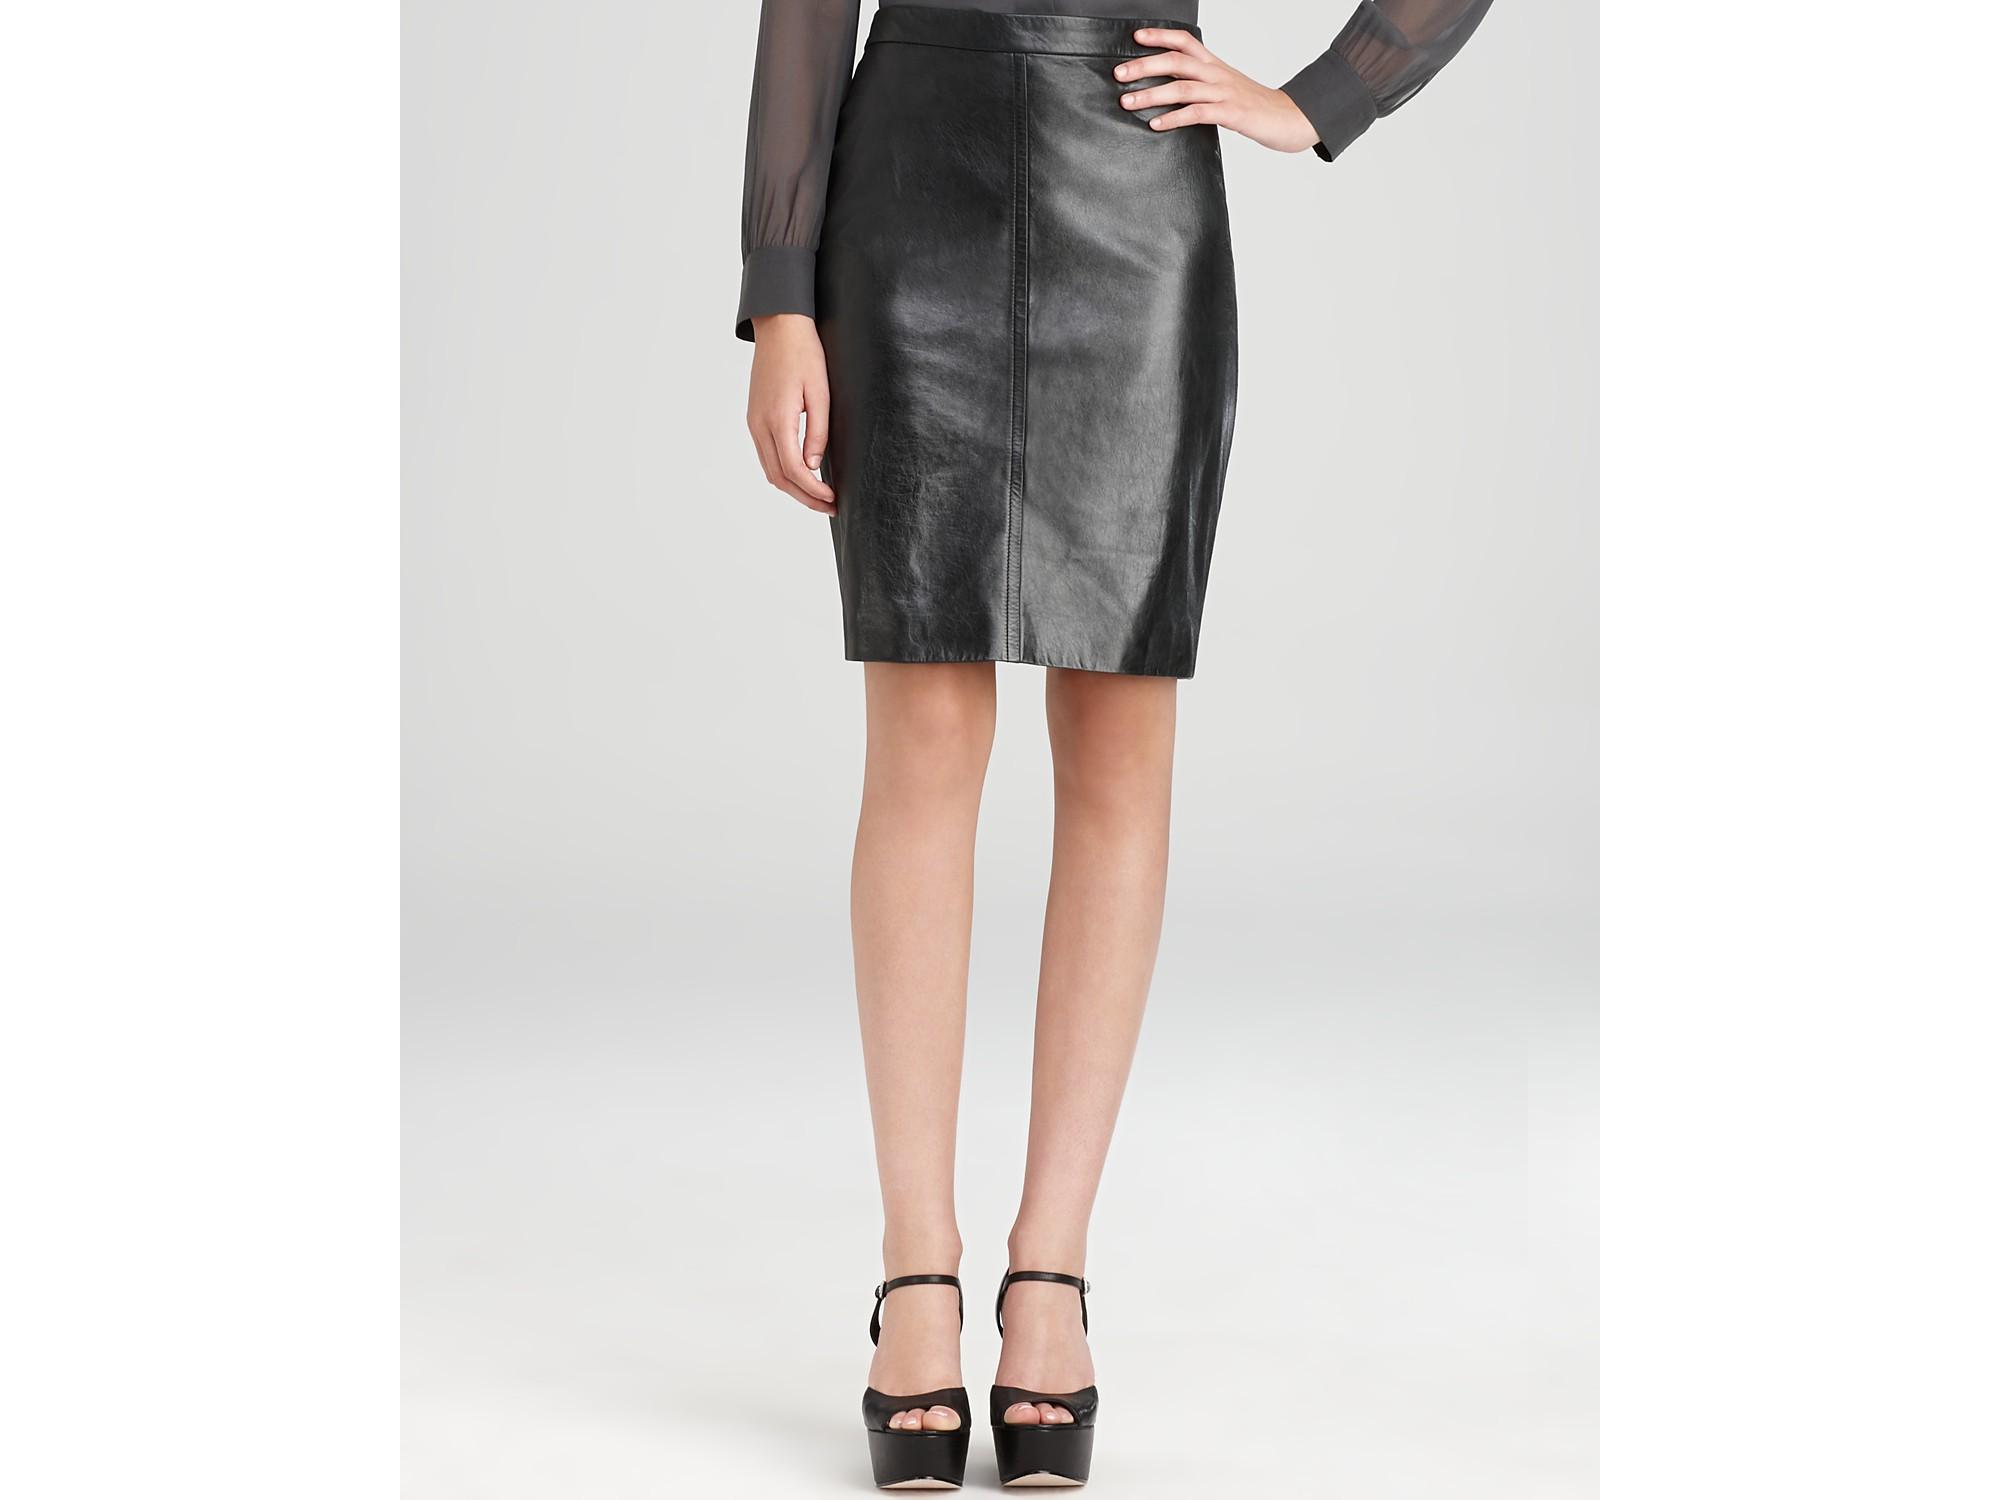 173b8ff0c2edb Lyst - DKNY Leather Pencil Skirt in Black